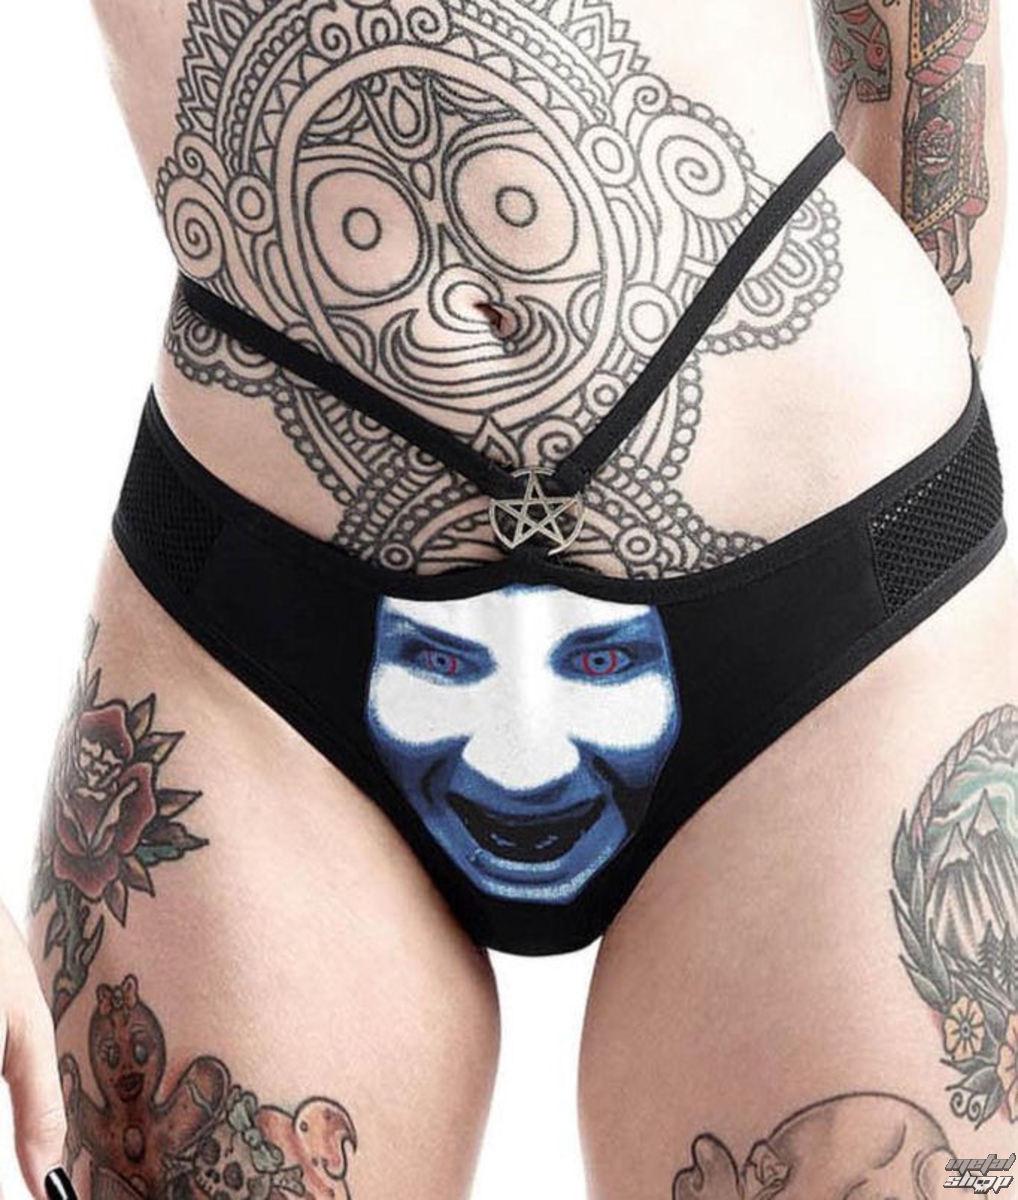 Panties Women's KILLSTAR - Marilyn Manson - God of Fuck - Black, KILLSTAR,  Marilyn